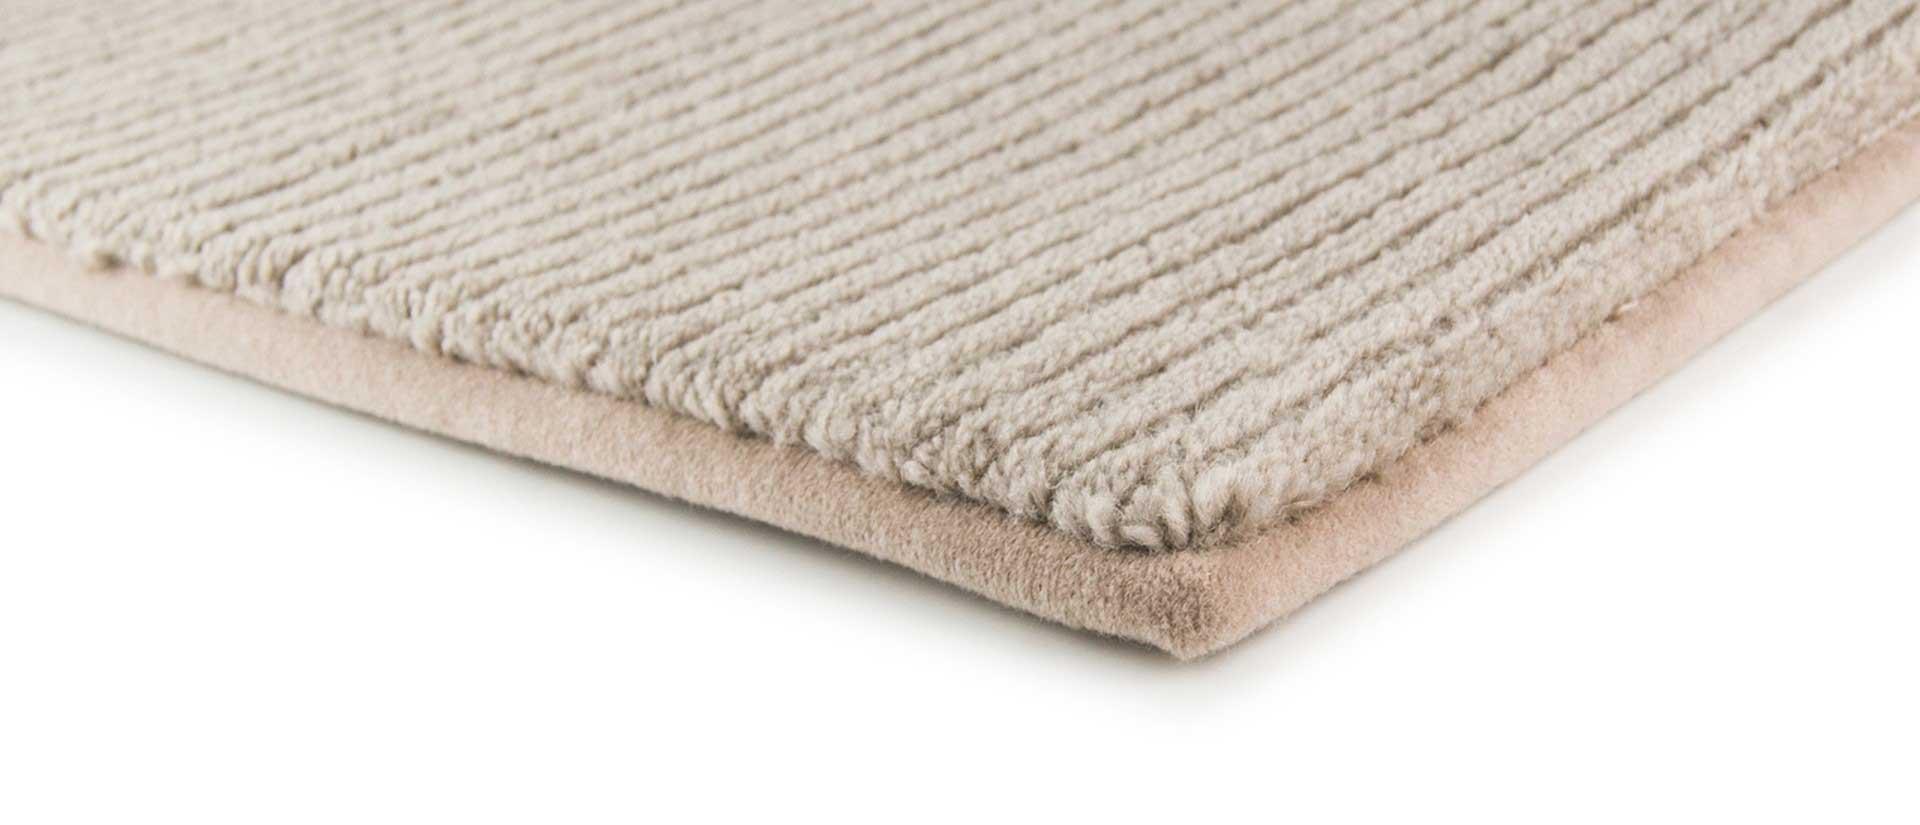 wool carpets wool carpet 100% natural HHKPQXW